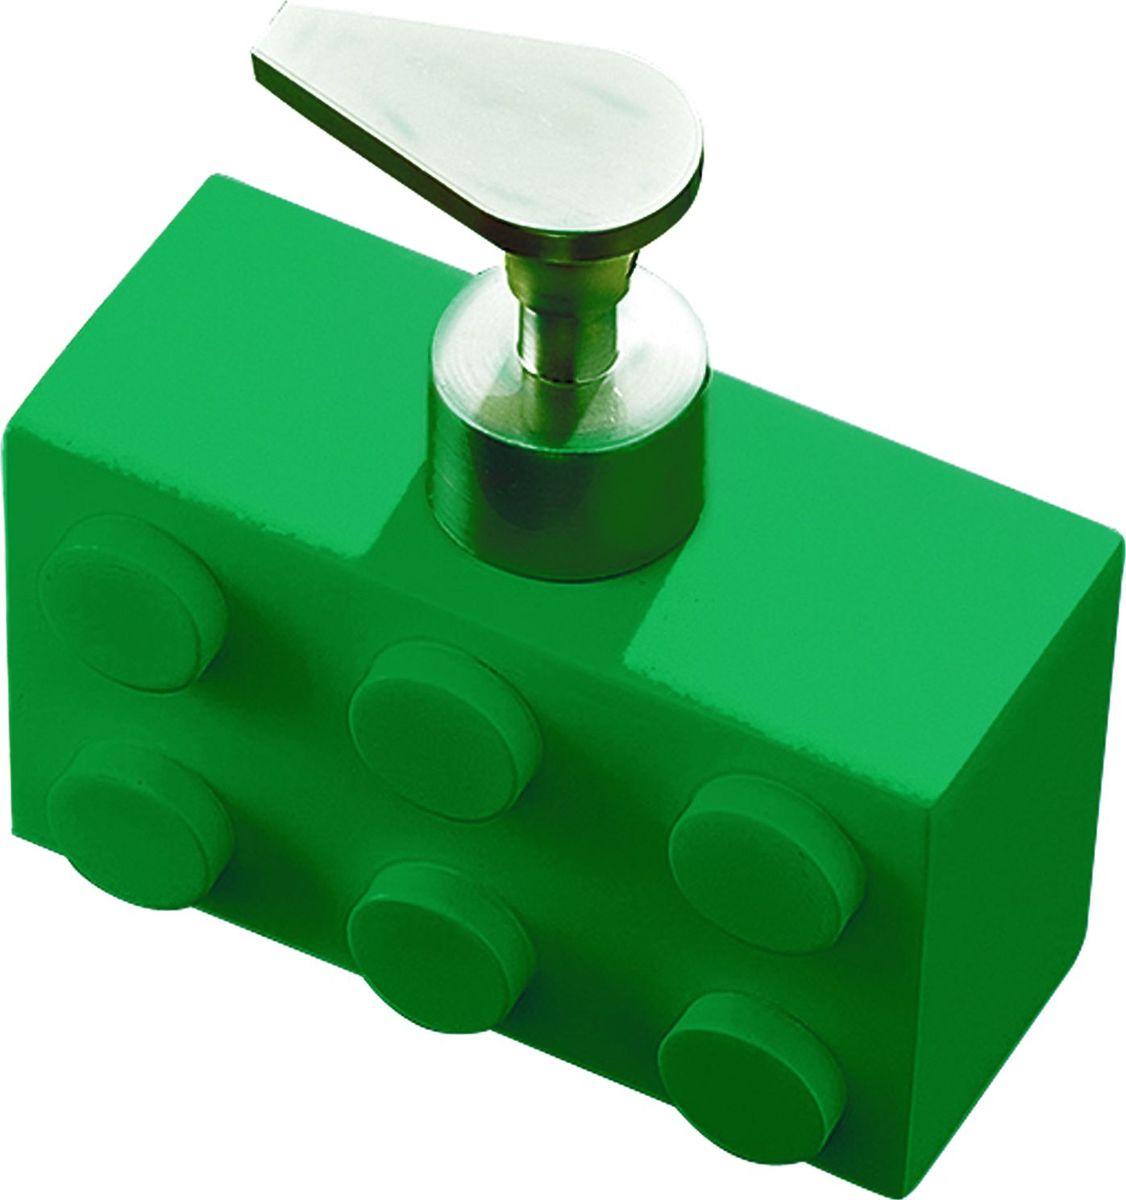 Дозатор для жидкого мыла Ridder Bob, цвет: зеленый, 280 мл22210505Дозатор для жидкого мыла Ridder Bob, изготовленный из экологичной полирезины, отлично подойдет для вашей ванной комнаты. Такой аксессуар очень удобен в использовании, достаточно лишь перелить жидкое мыло в дозатор, а когда необходимо использование мыла, легким нажатием выдавить нужное количество. Дозатор для жидкого мыла Ridder Bob создаст особую атмосферу уюта и максимального комфорта в ванной. Объем дозатора: 280 мл.